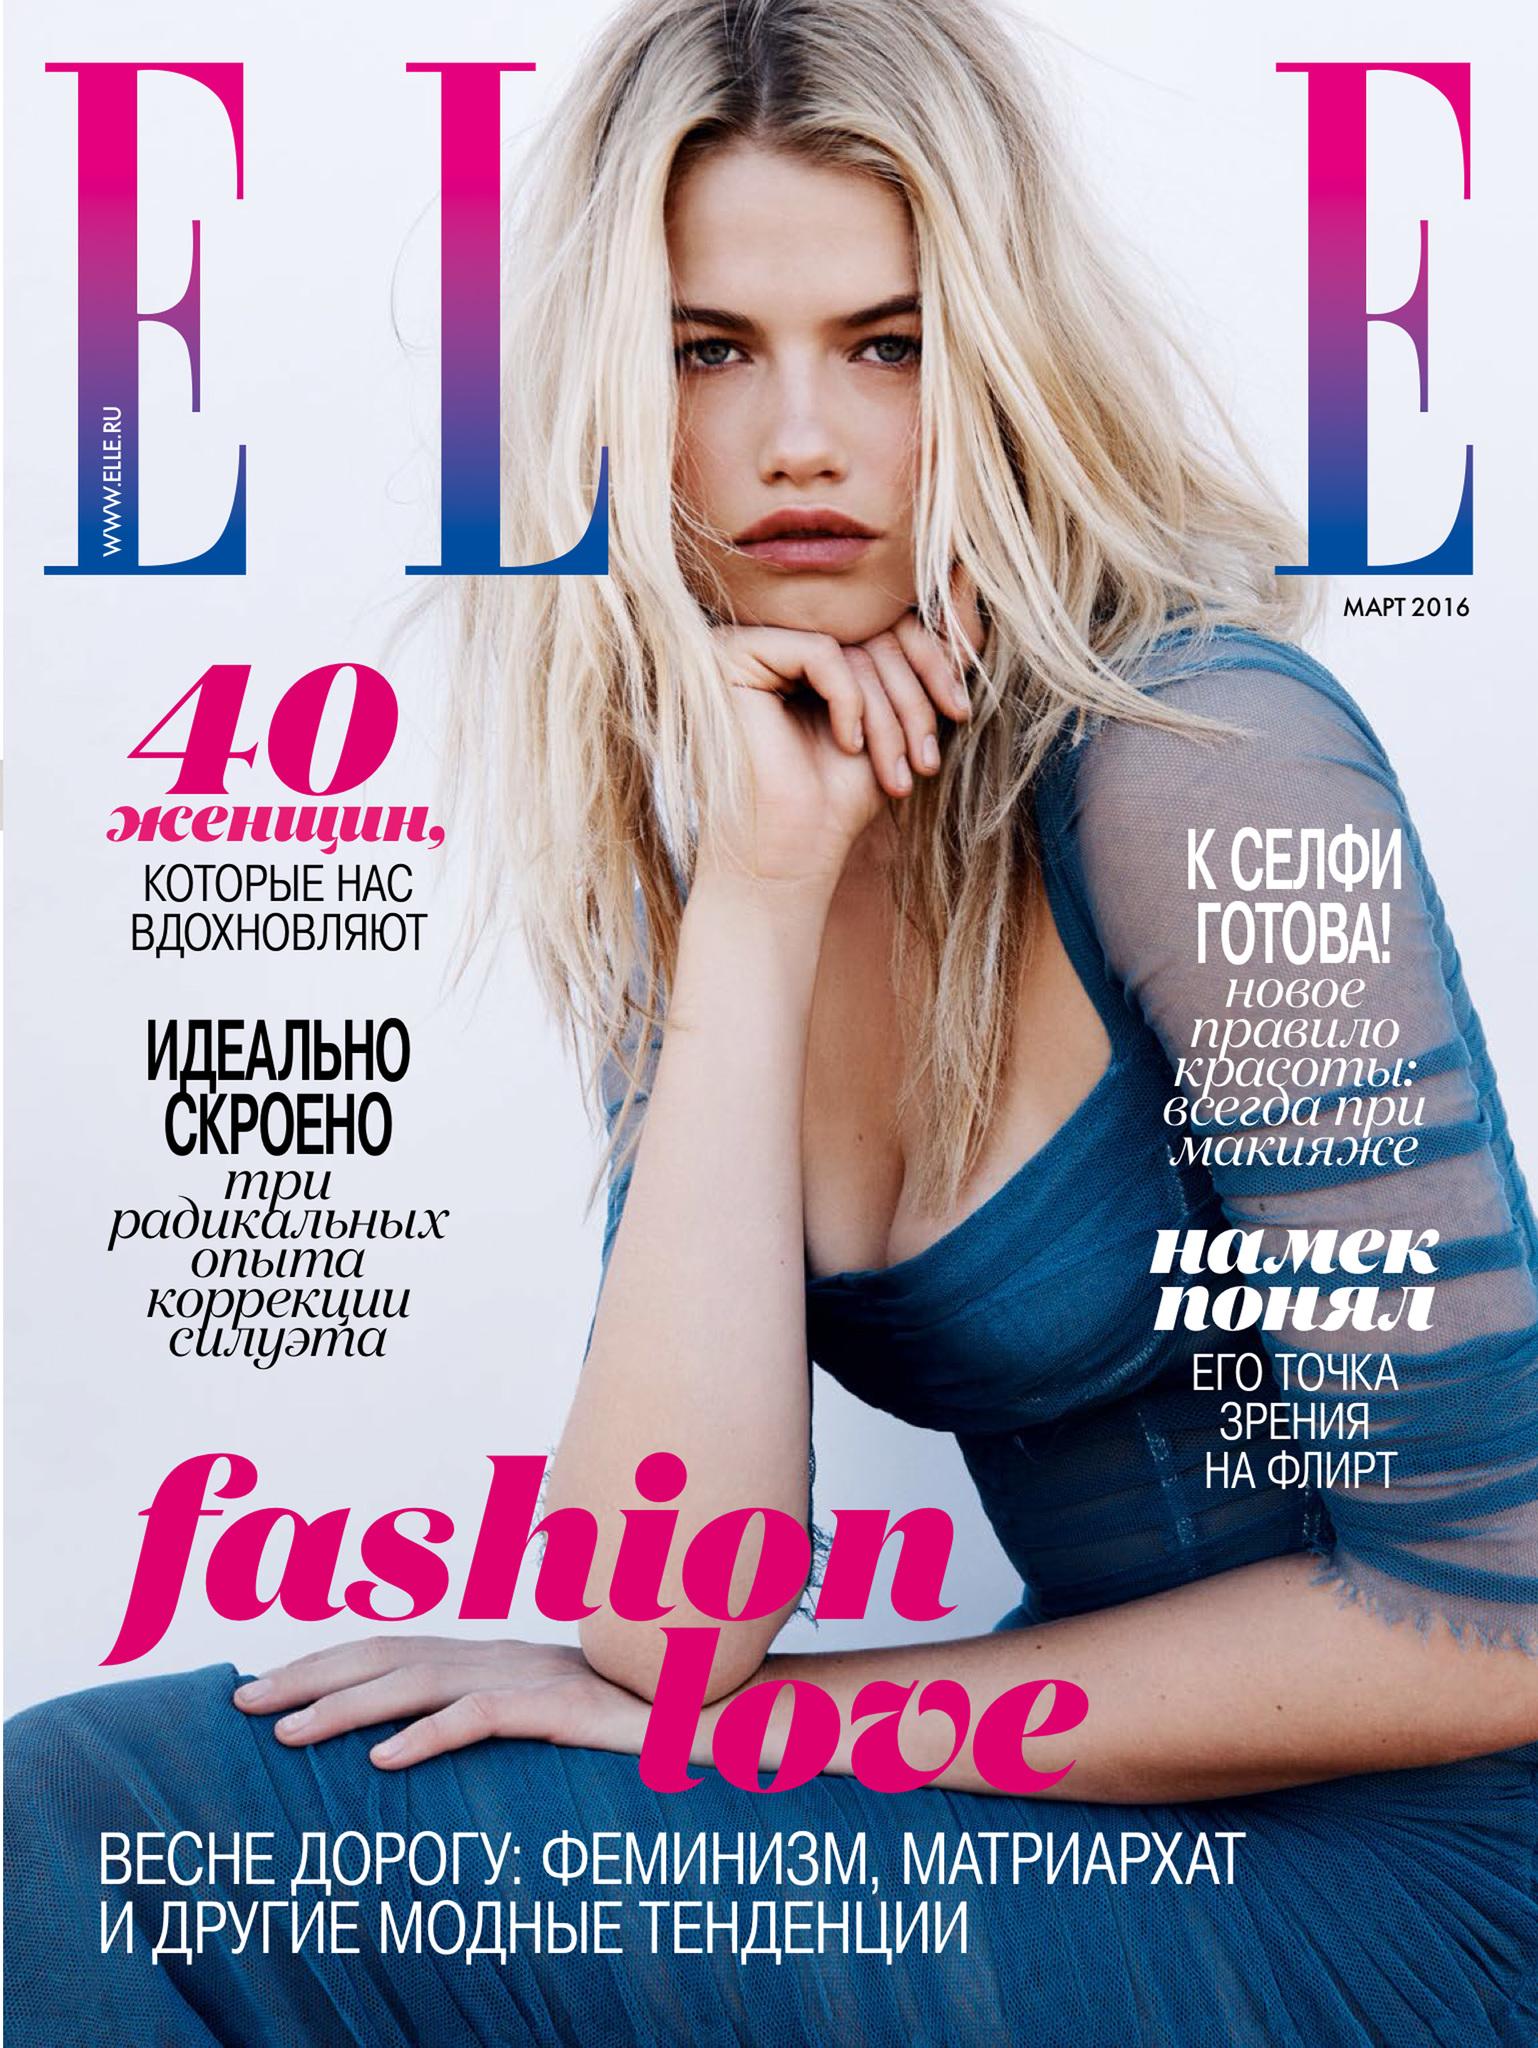 Колье Wolf and Moon и браслеты Chic Alors Paris в мартовском выпуске Elle Russia 2016